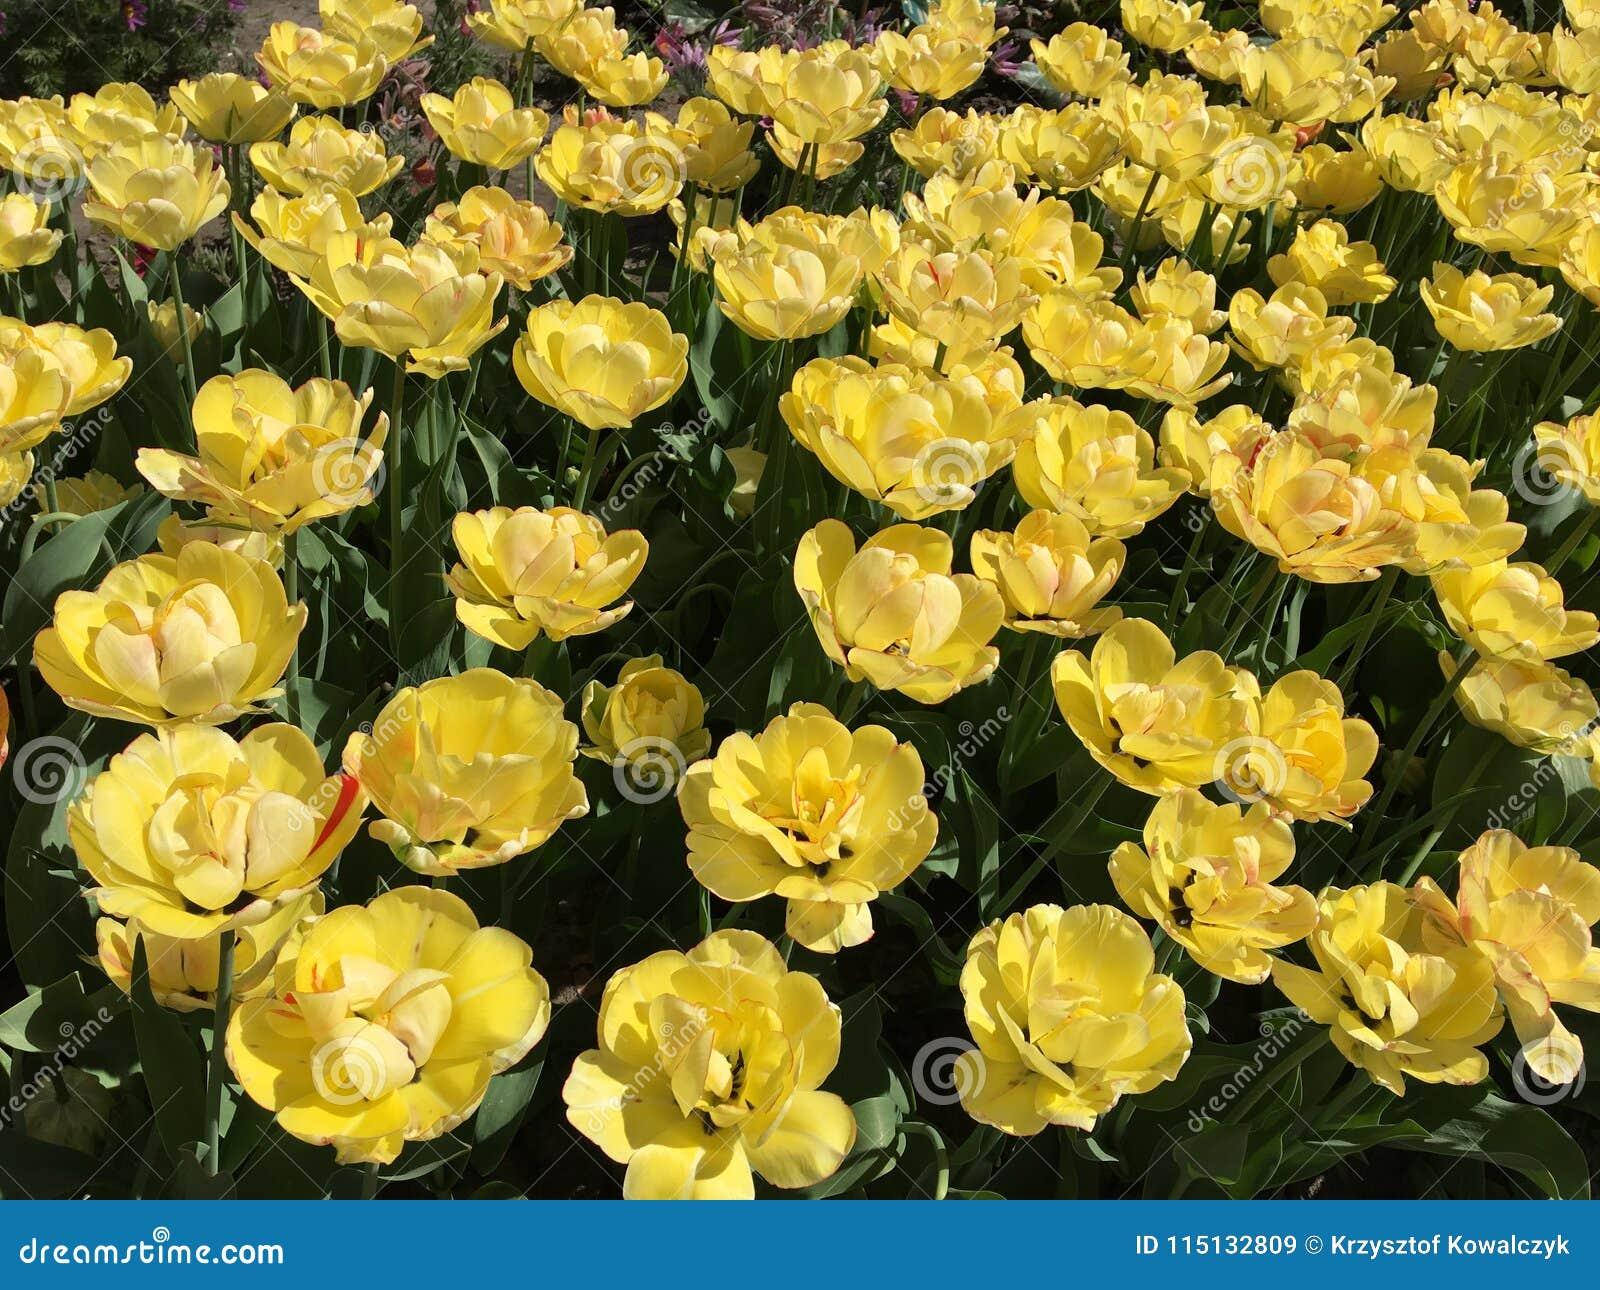 Porciones De Flores Amarillas Del Tulipan Nombre Akebano Imagen De